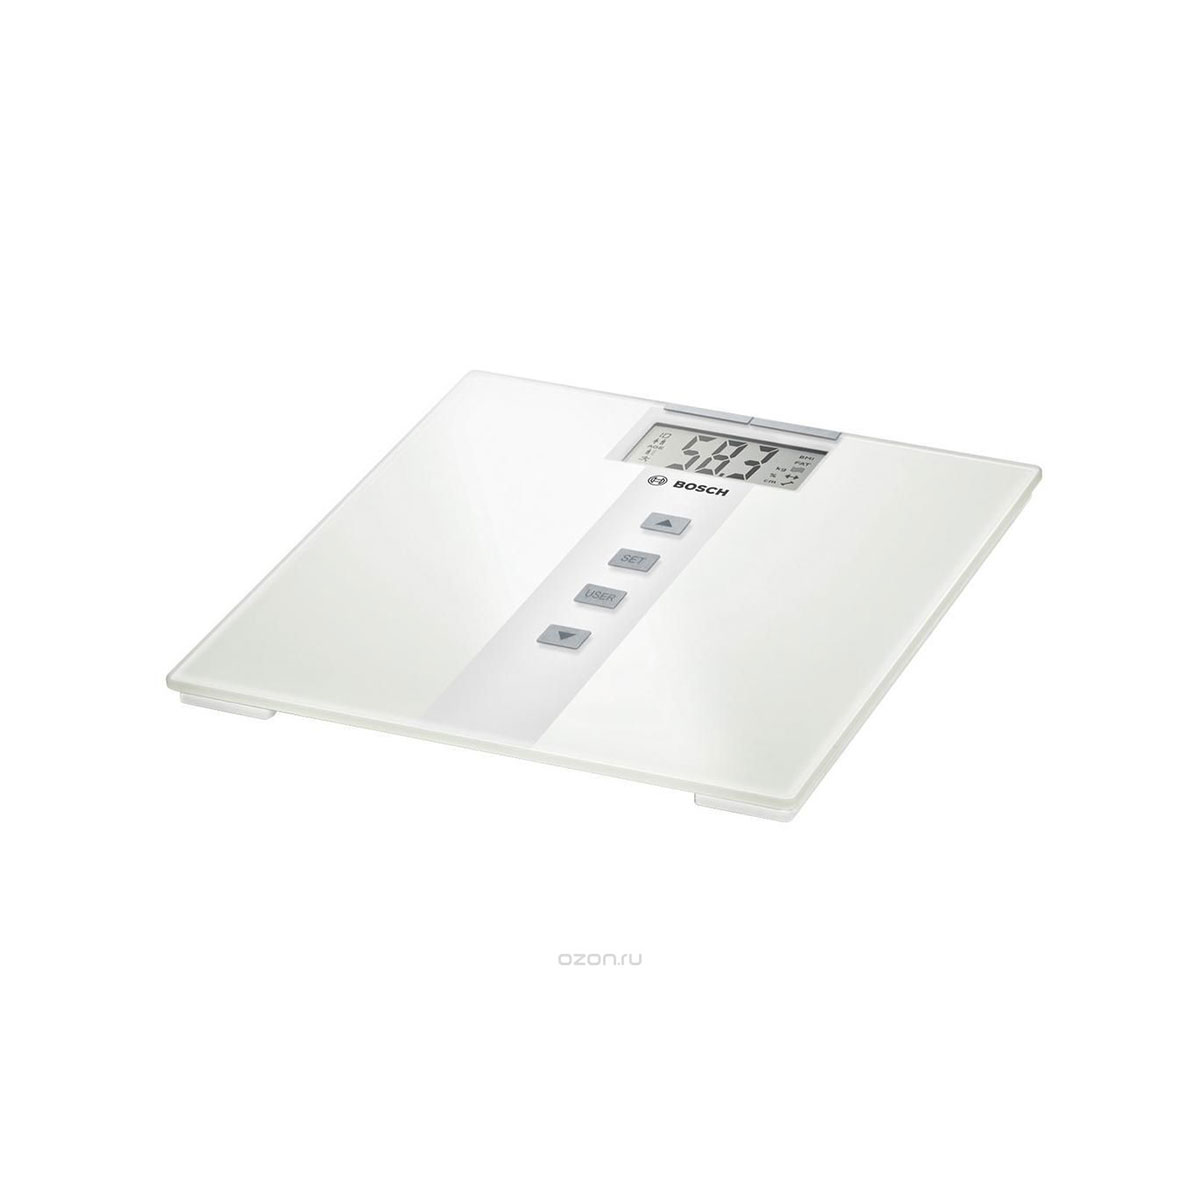 Bosch PPW3330